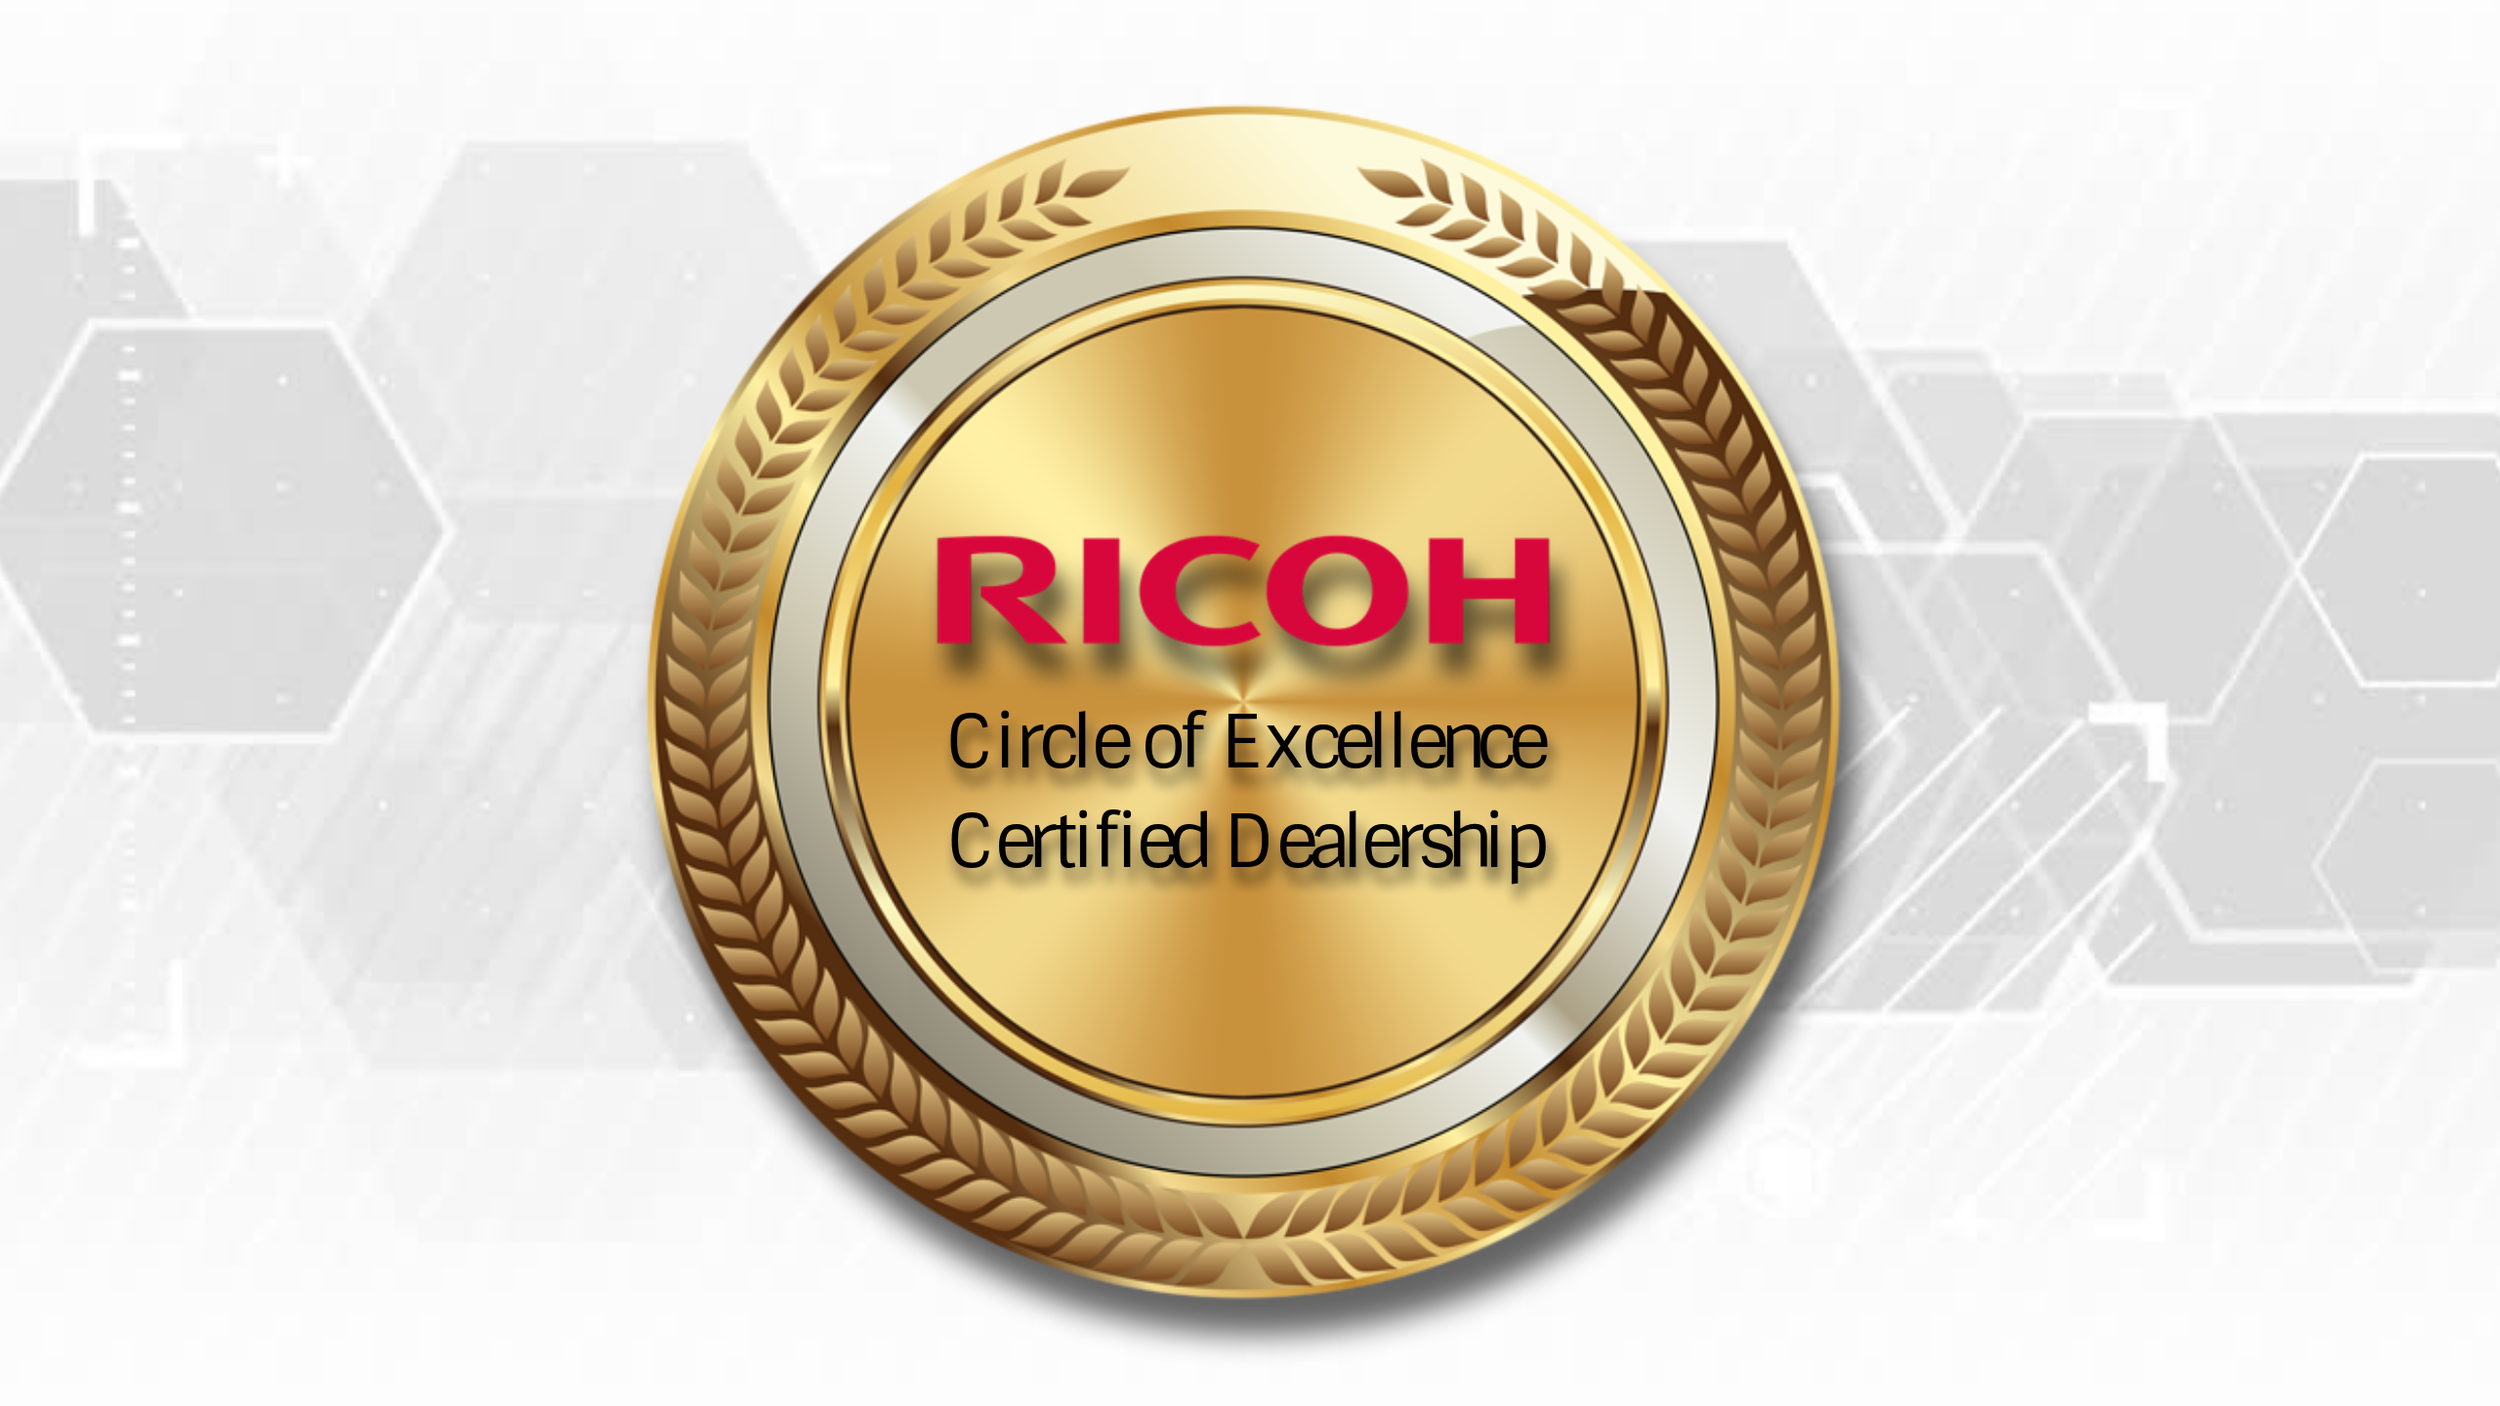 ricoh award.png